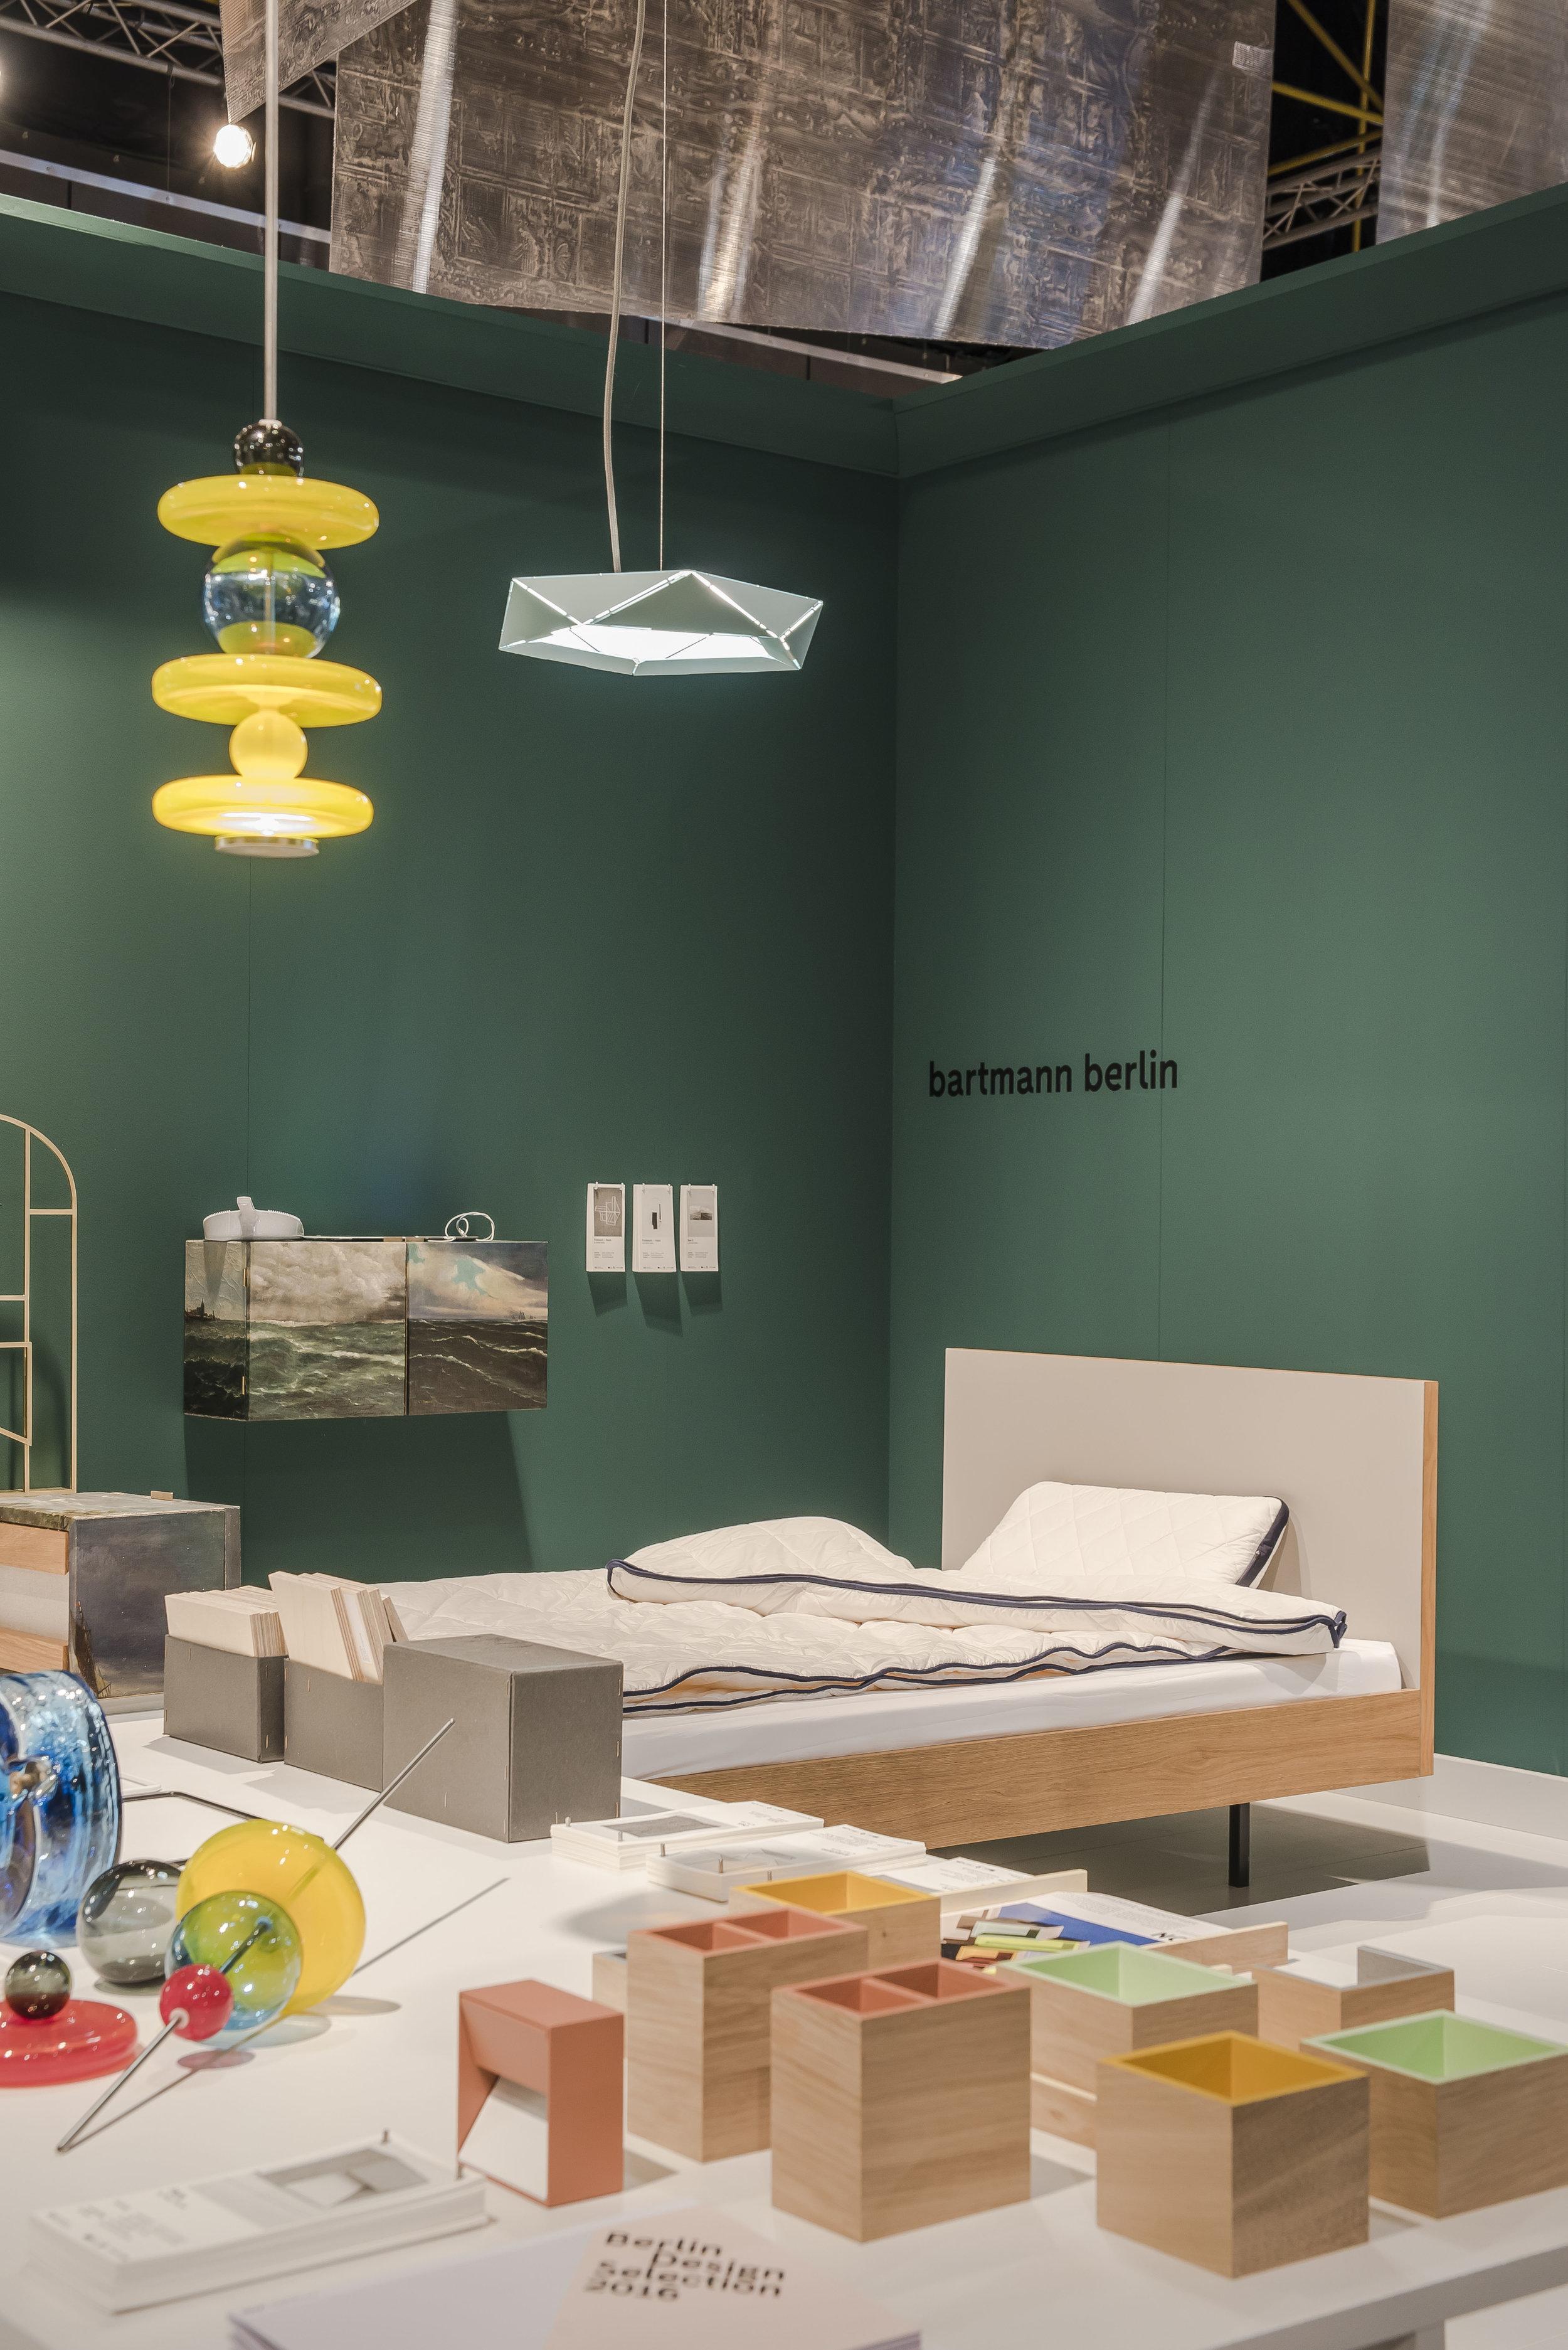 berlin-design-selection-kortrijk_tradefair-exhibition-design_coordination-berlin_06.jpg